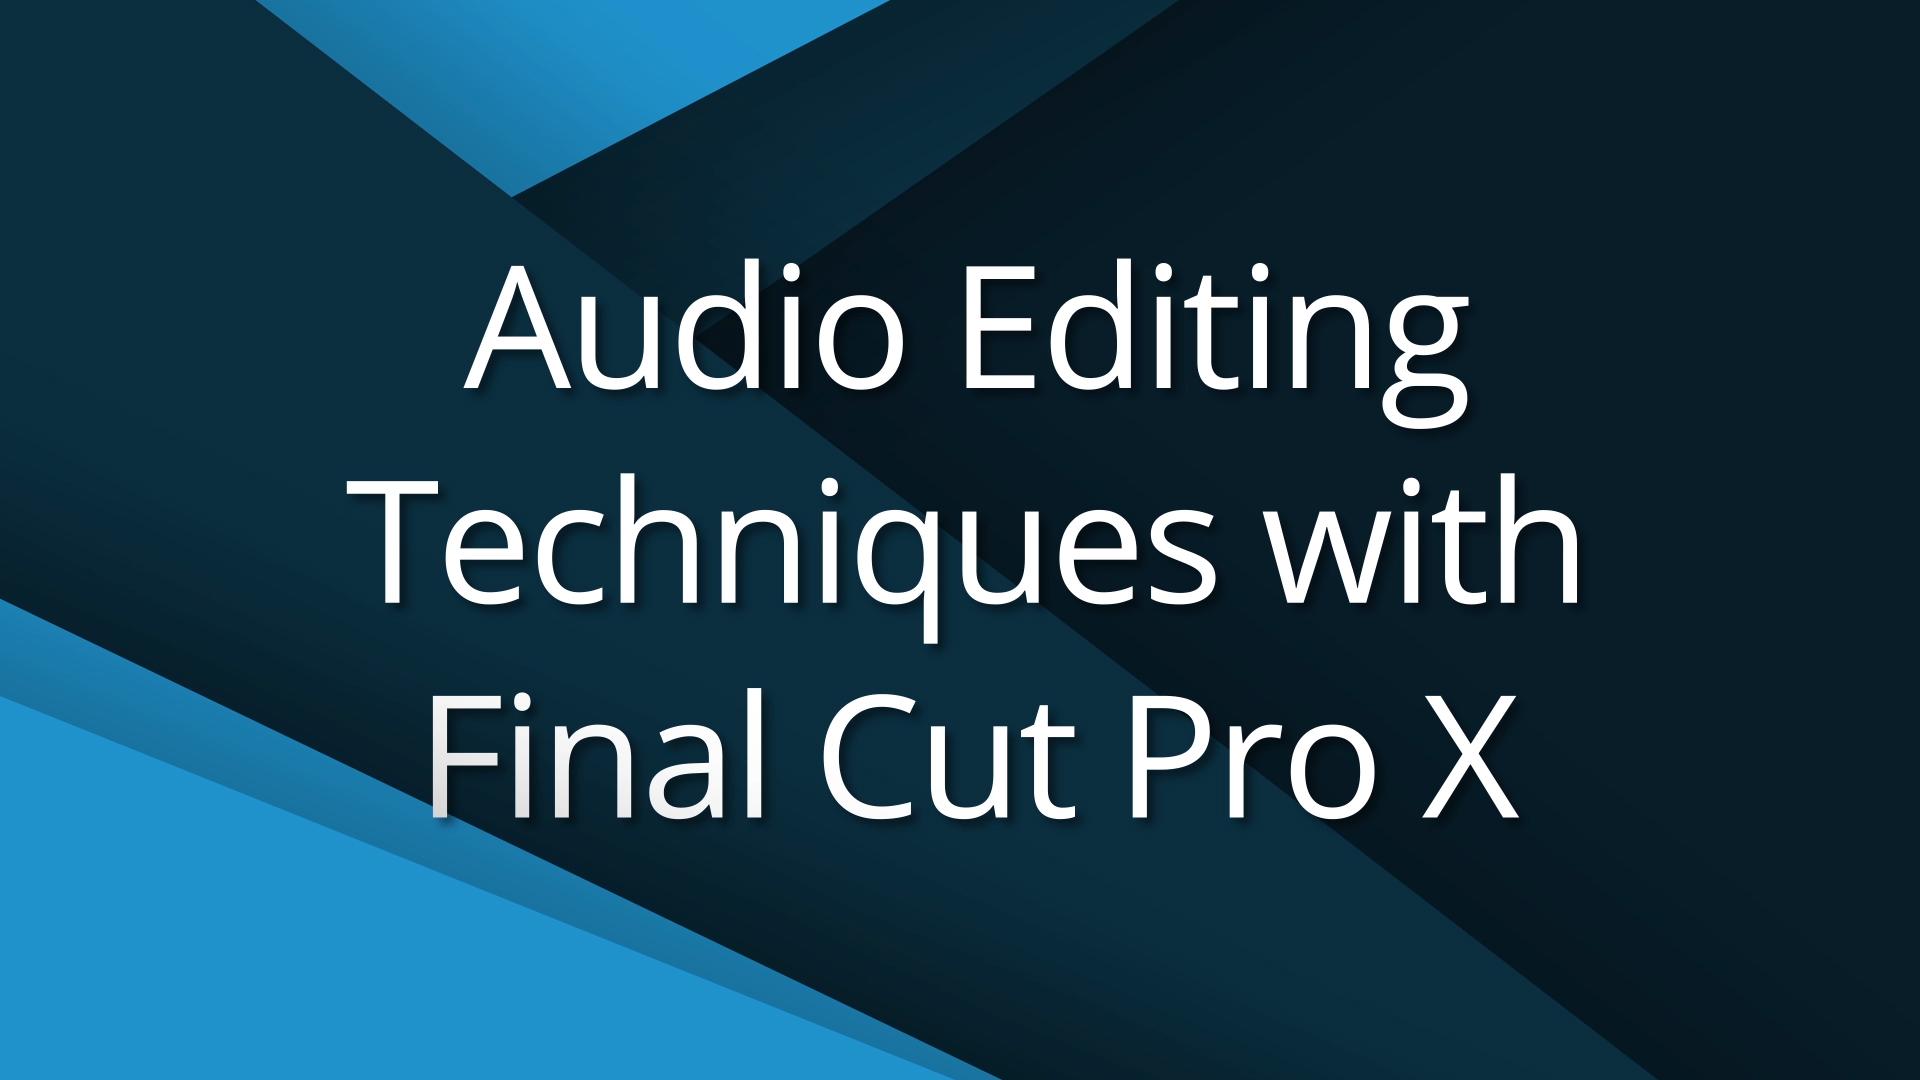 4) Audio Editing Techniques - Video Tutorial